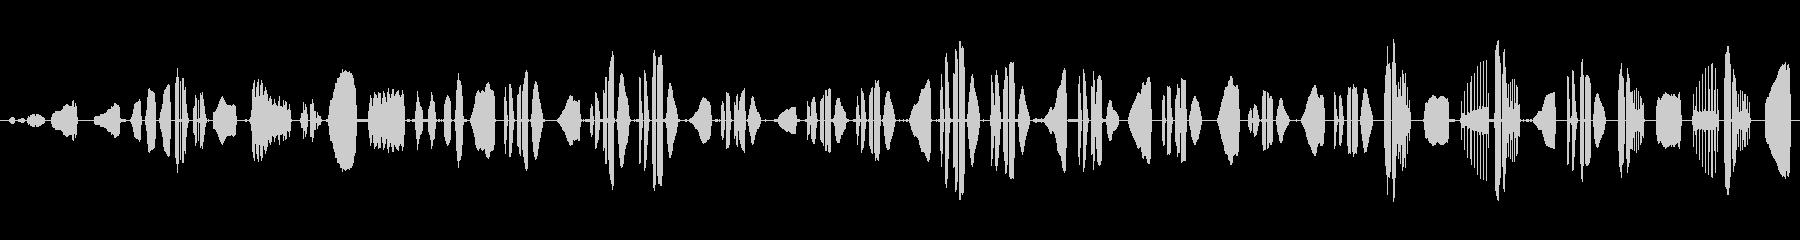 オス・スカイラーク:歌う、動物の鳥の未再生の波形